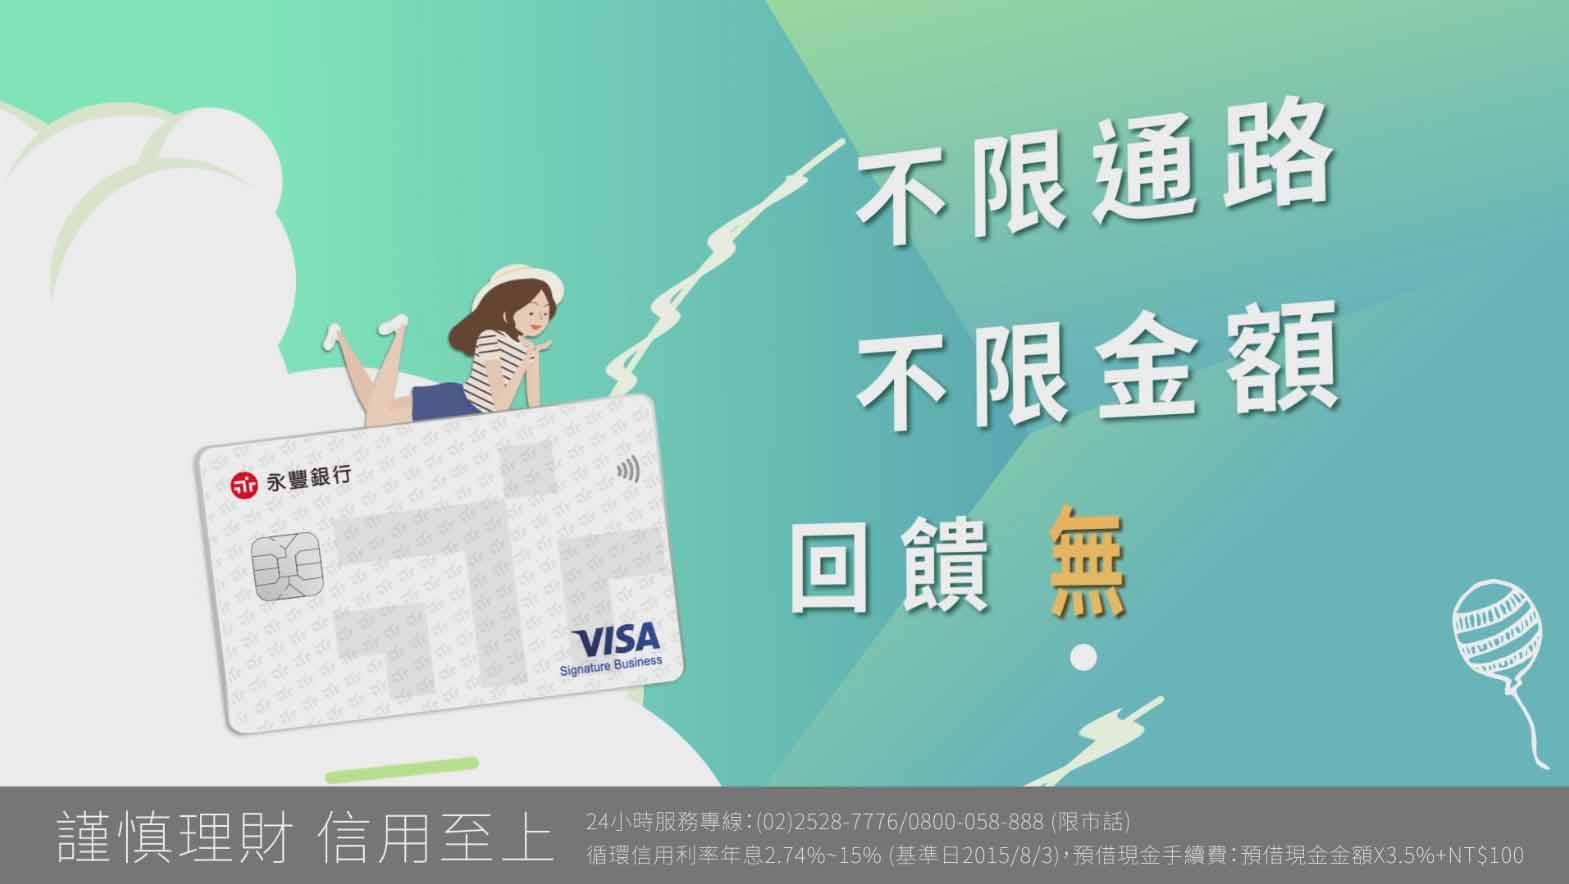 永豐信用卡廣告-現金回饋卡